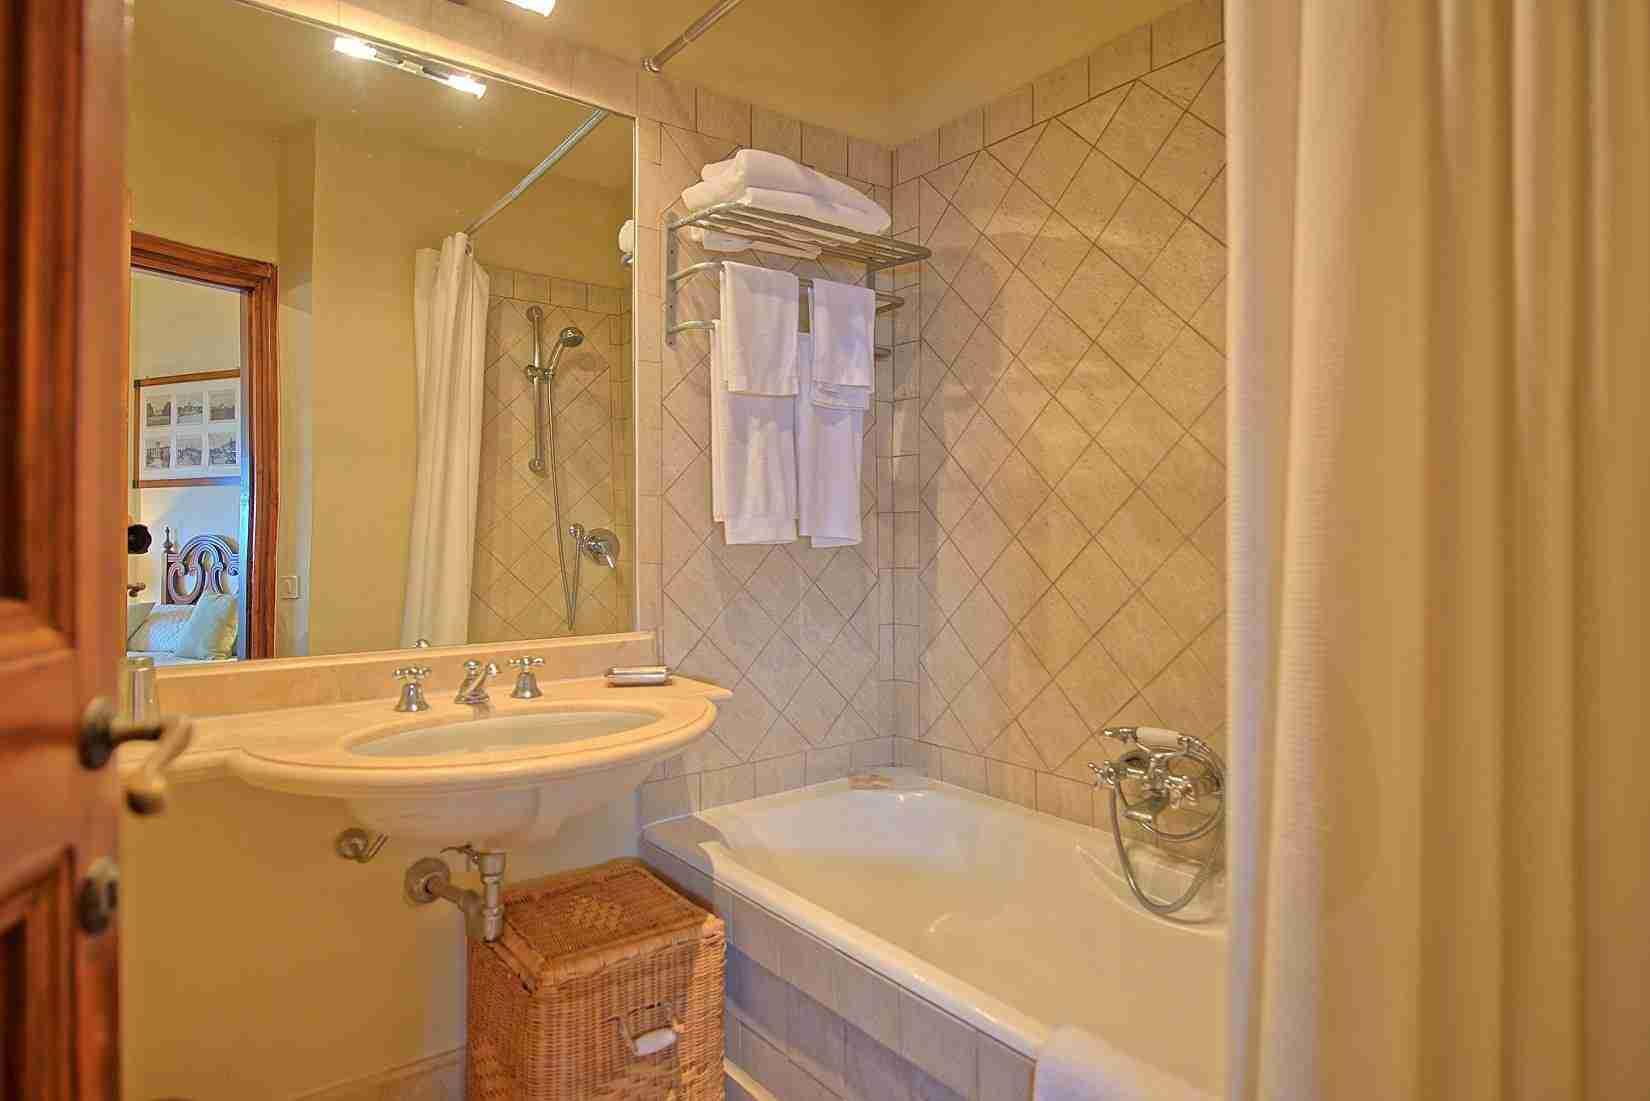 16 Mura del Bastione Bathroom with Tub